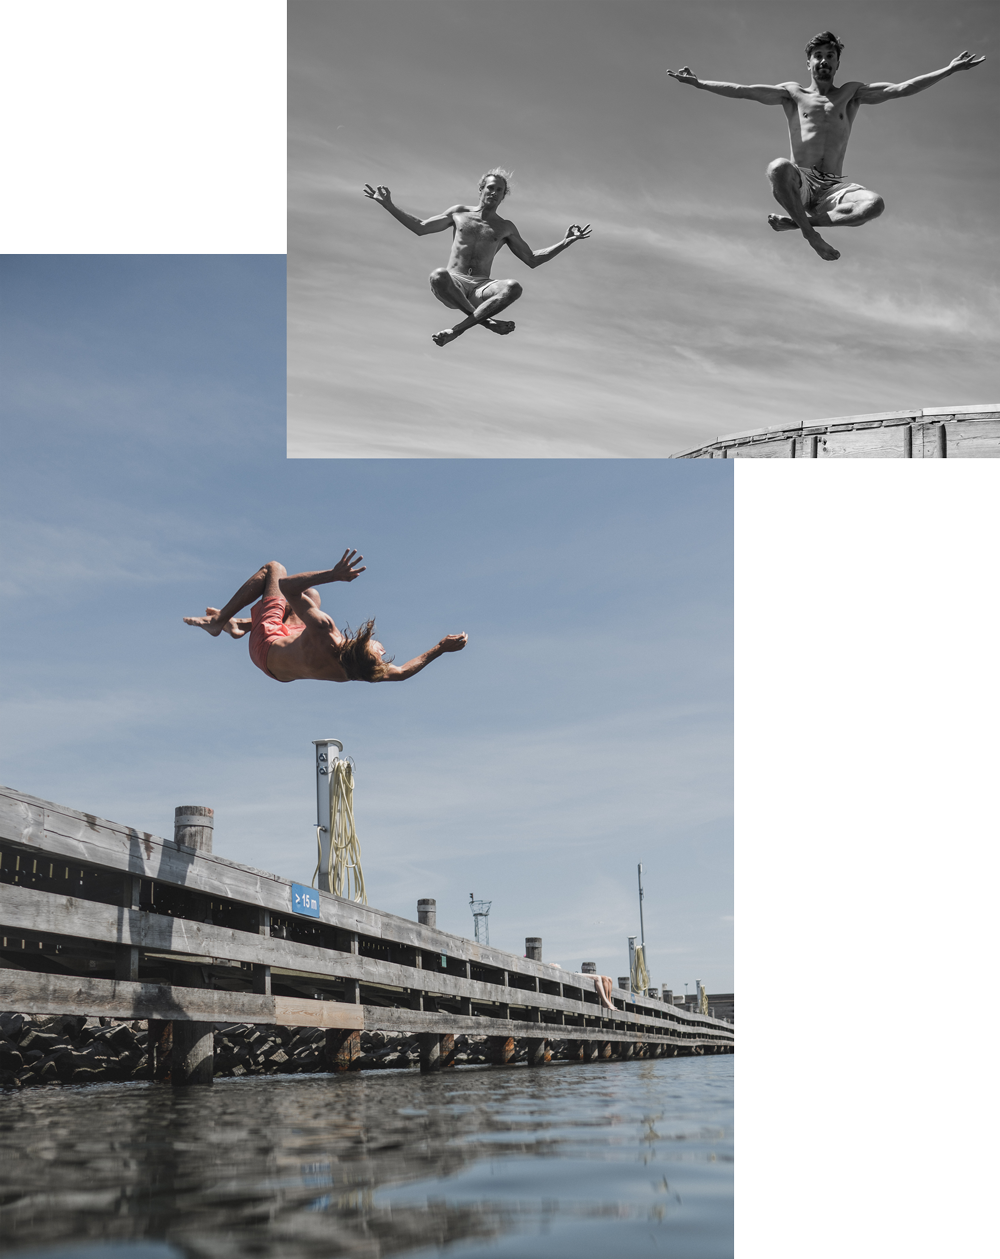 När du fotar : Ta många bilder på samma objekt men i olika vinklar. På så sätt skapar du härliga bildserier fulla av minnen men som lika mycket skapar visuellt vackra berättelser av din sommar.